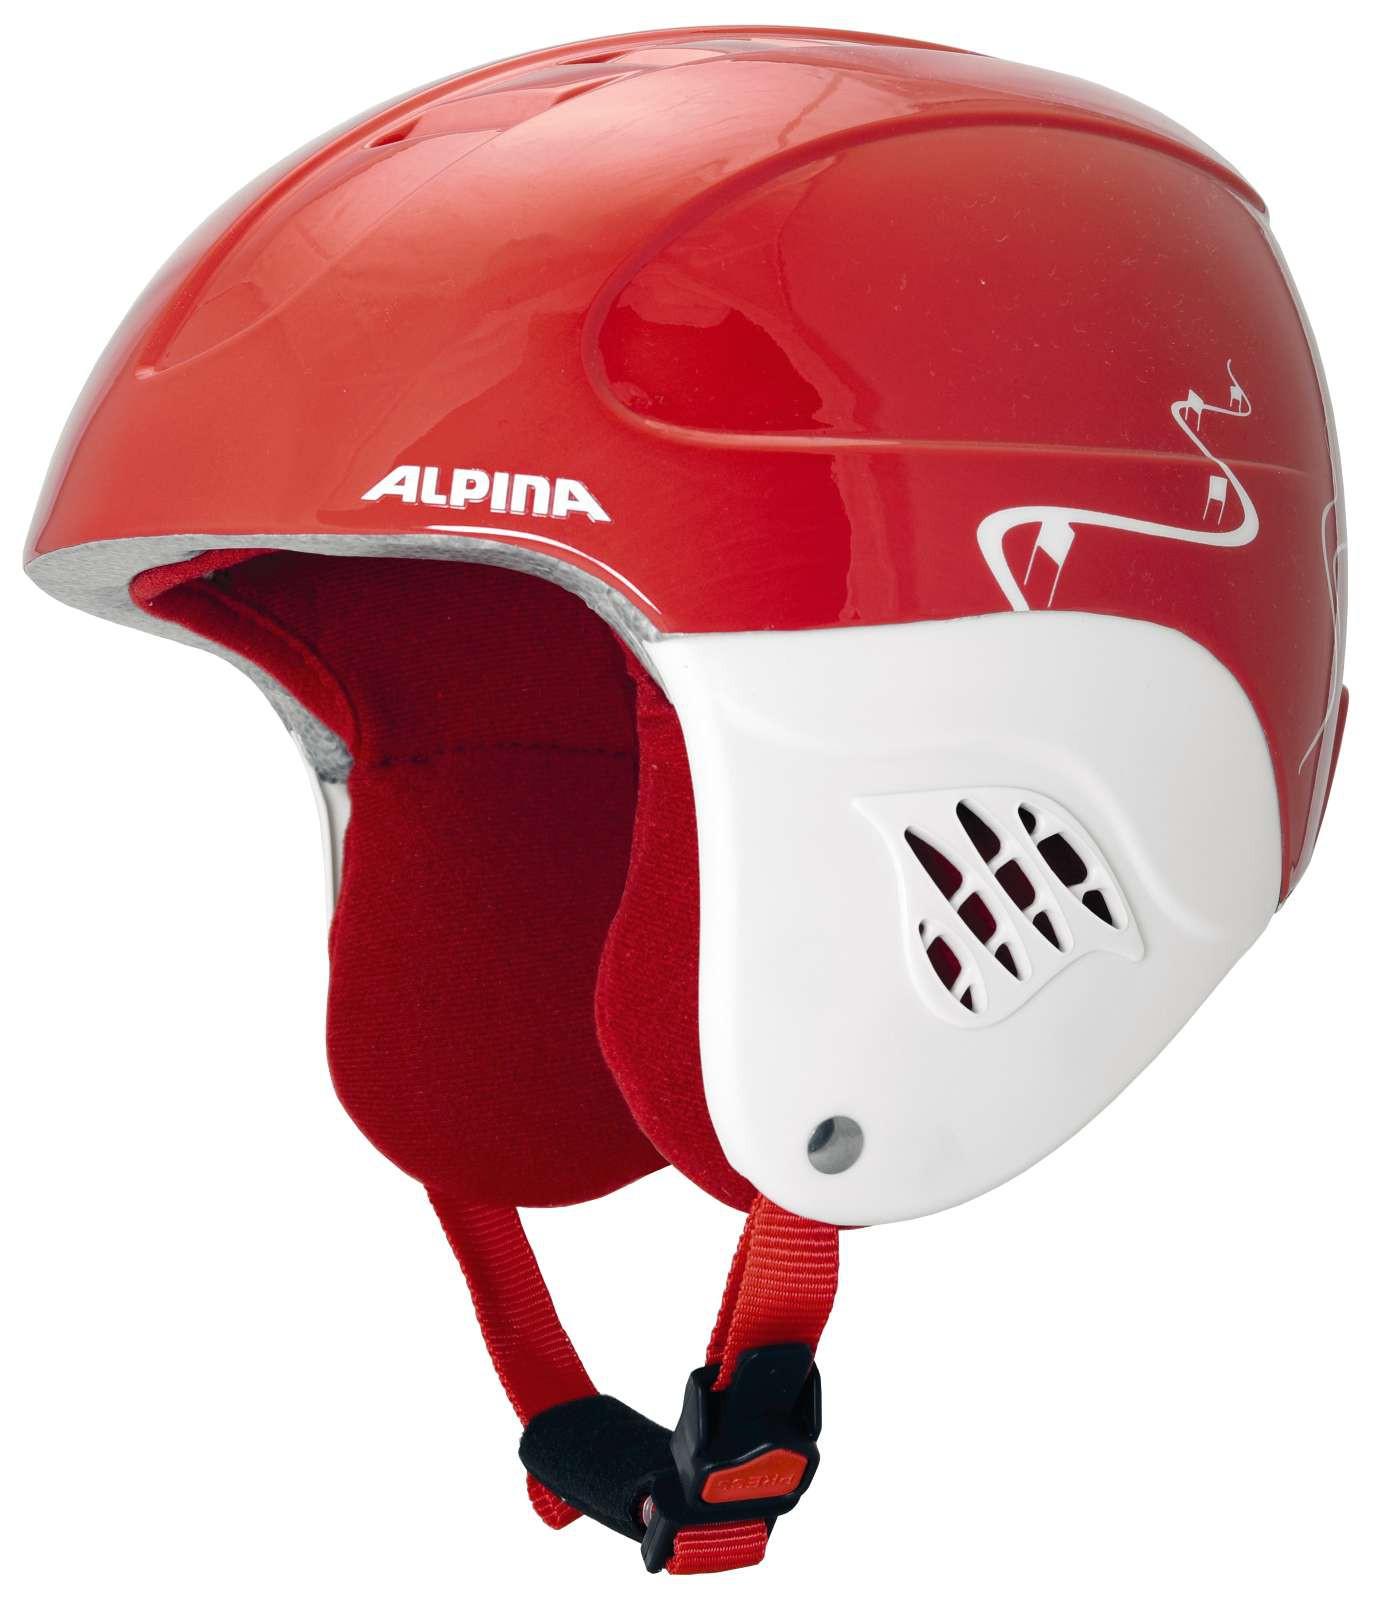 CARAT A9035 2016 Kinderskihelm Alpina CARAT